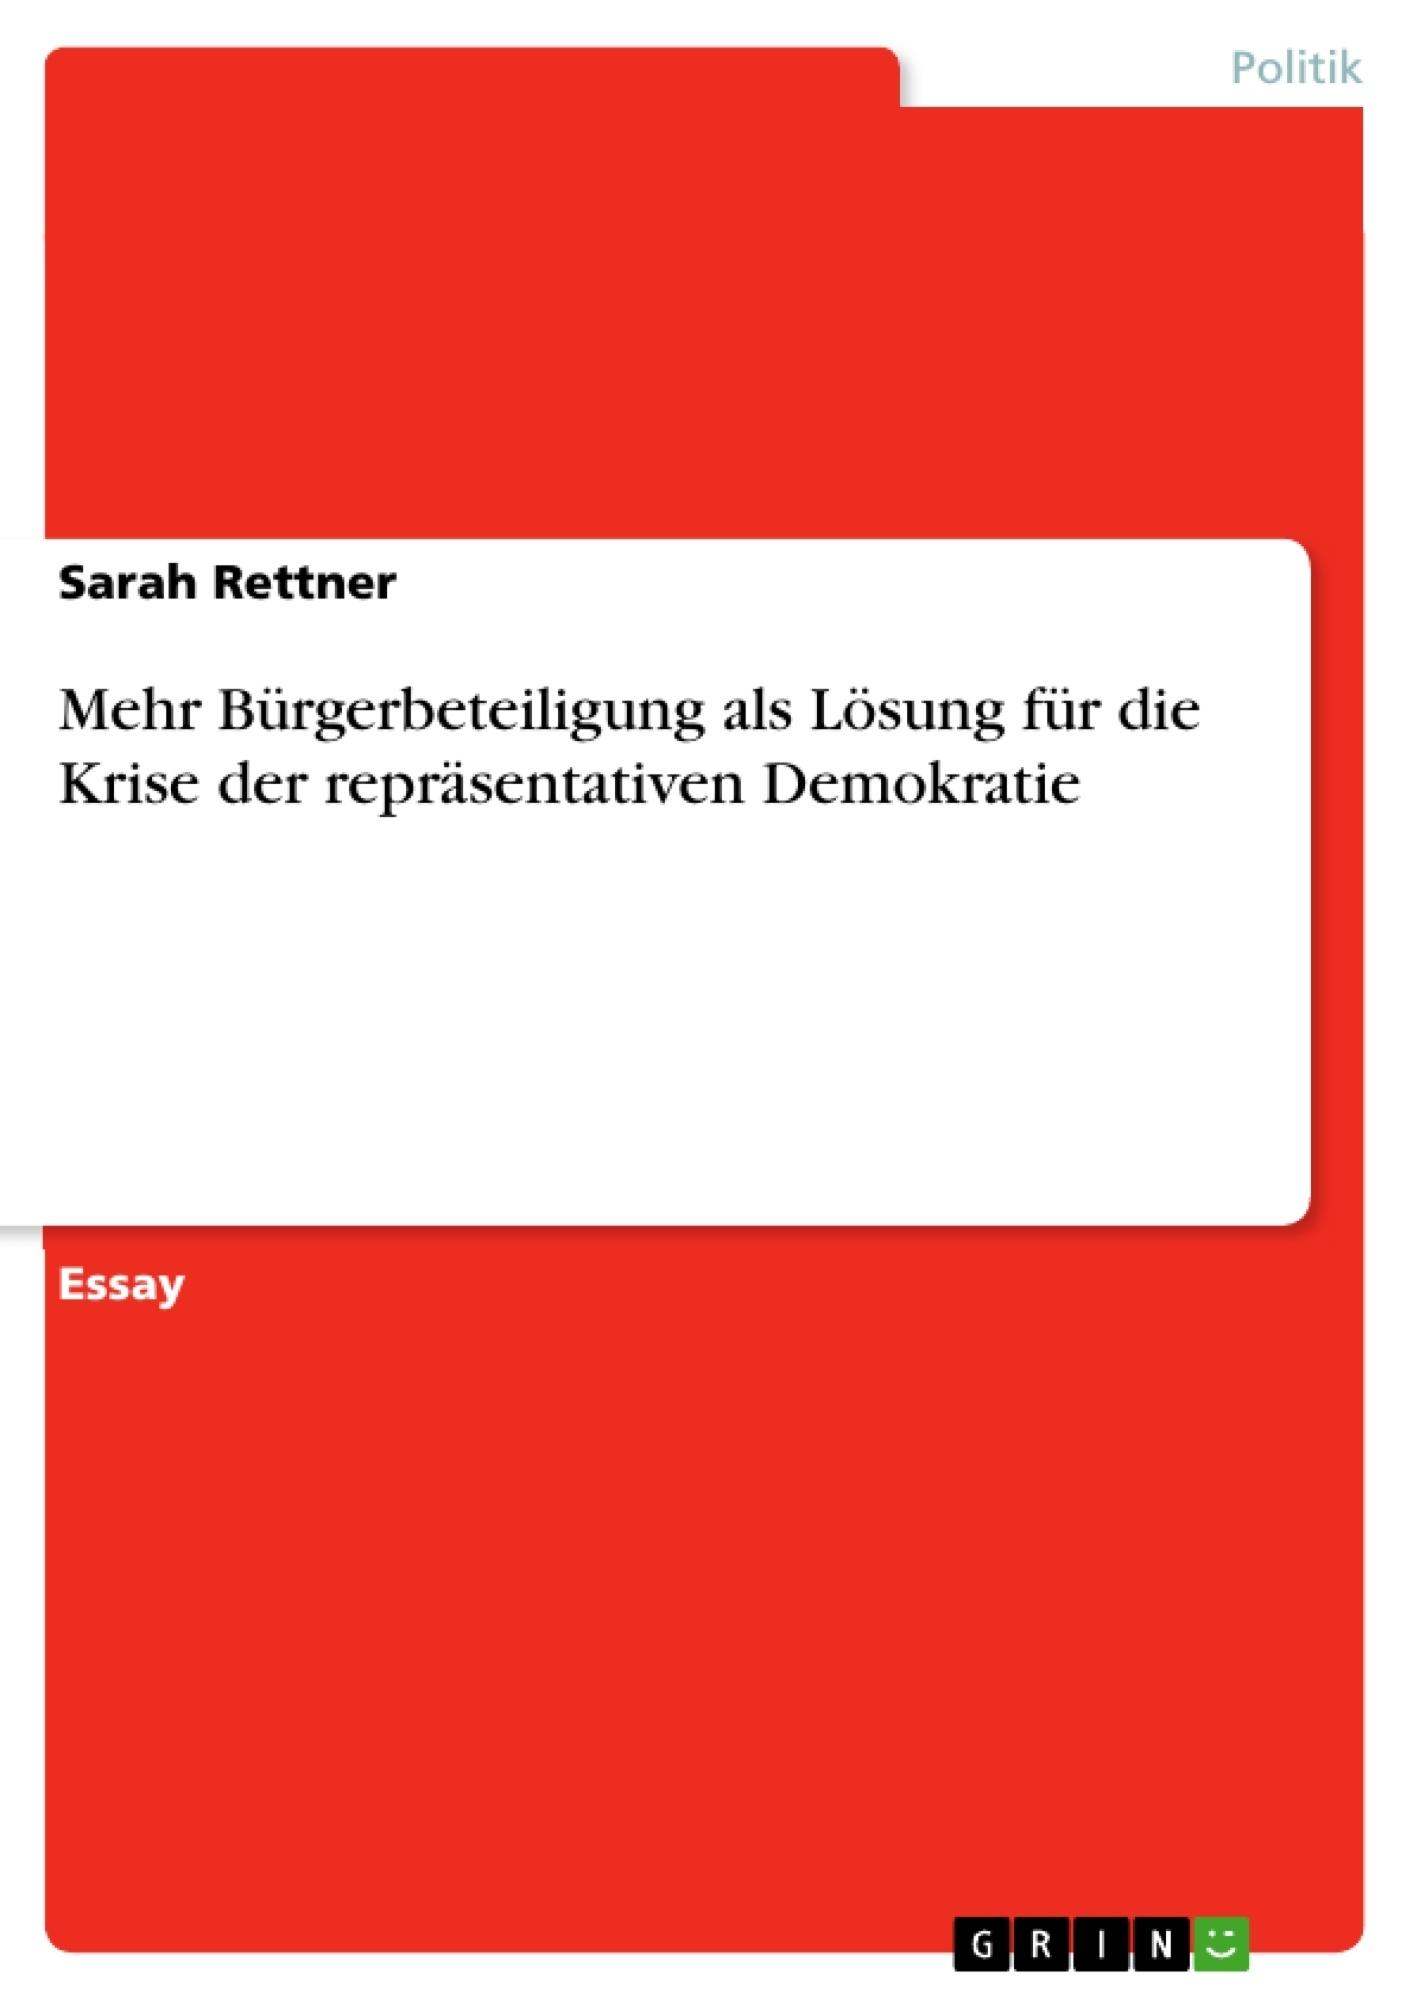 Titel: Mehr Bürgerbeteiligung als Lösung für die Krise der repräsentativen Demokratie